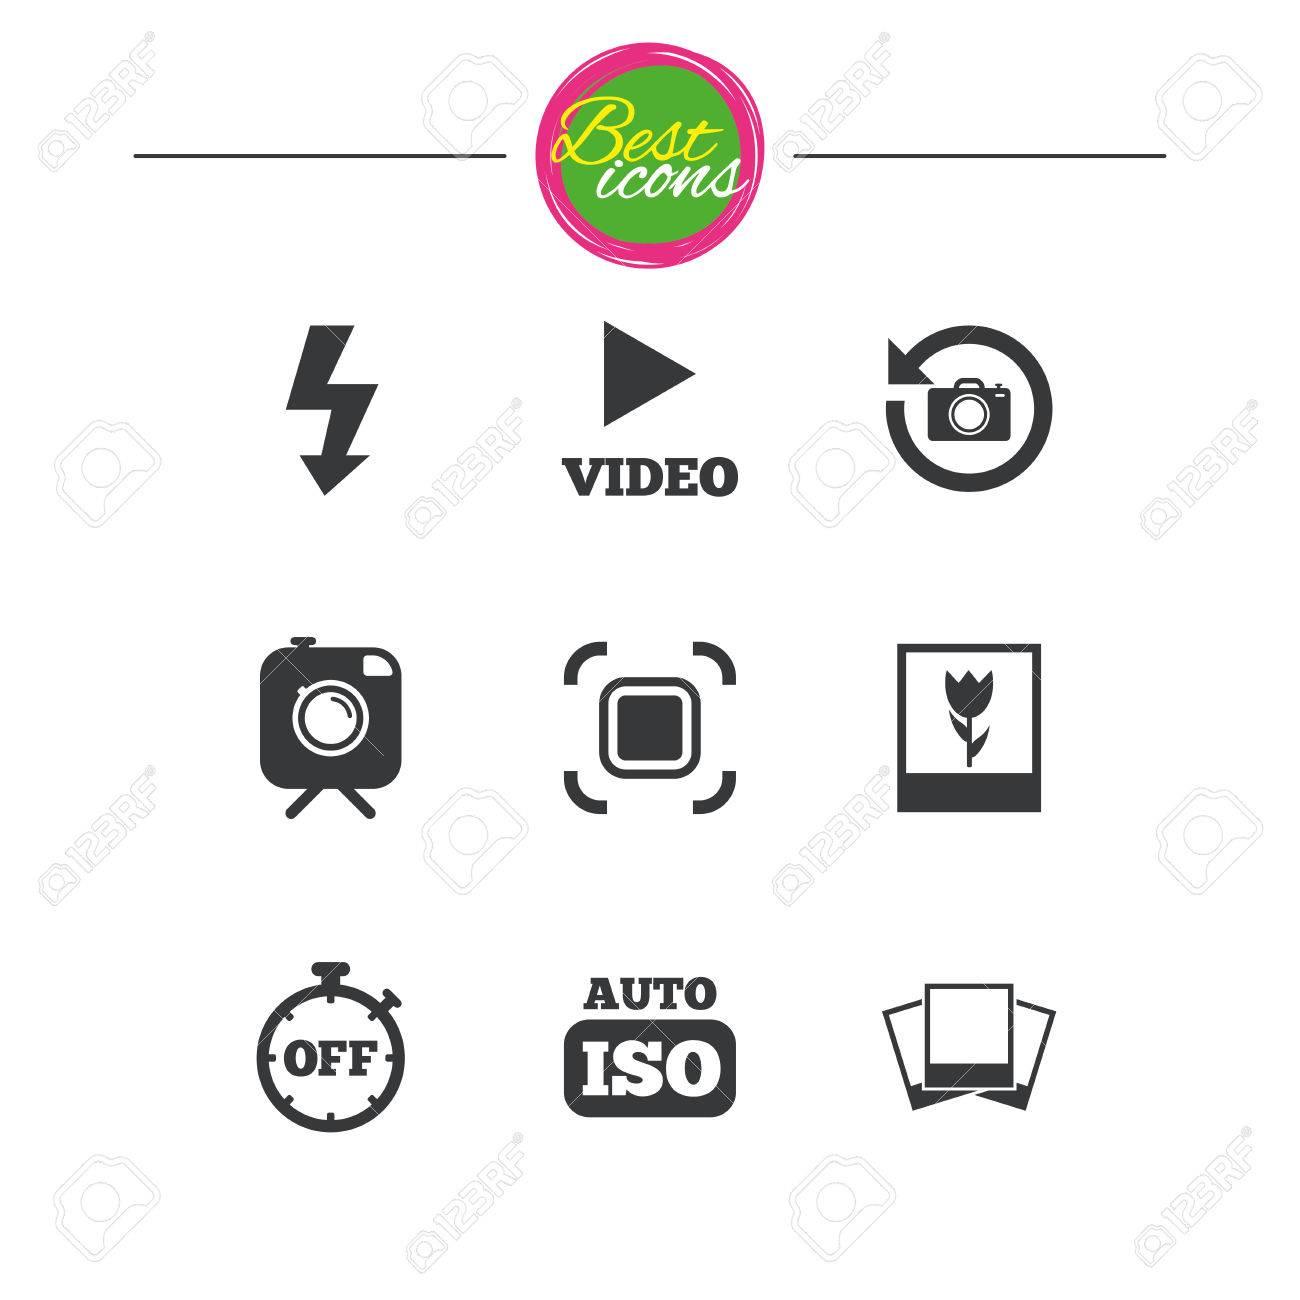 Foto, íconos De Video. Cámara, Fotos Y Carteles De Marcos. Flash ...